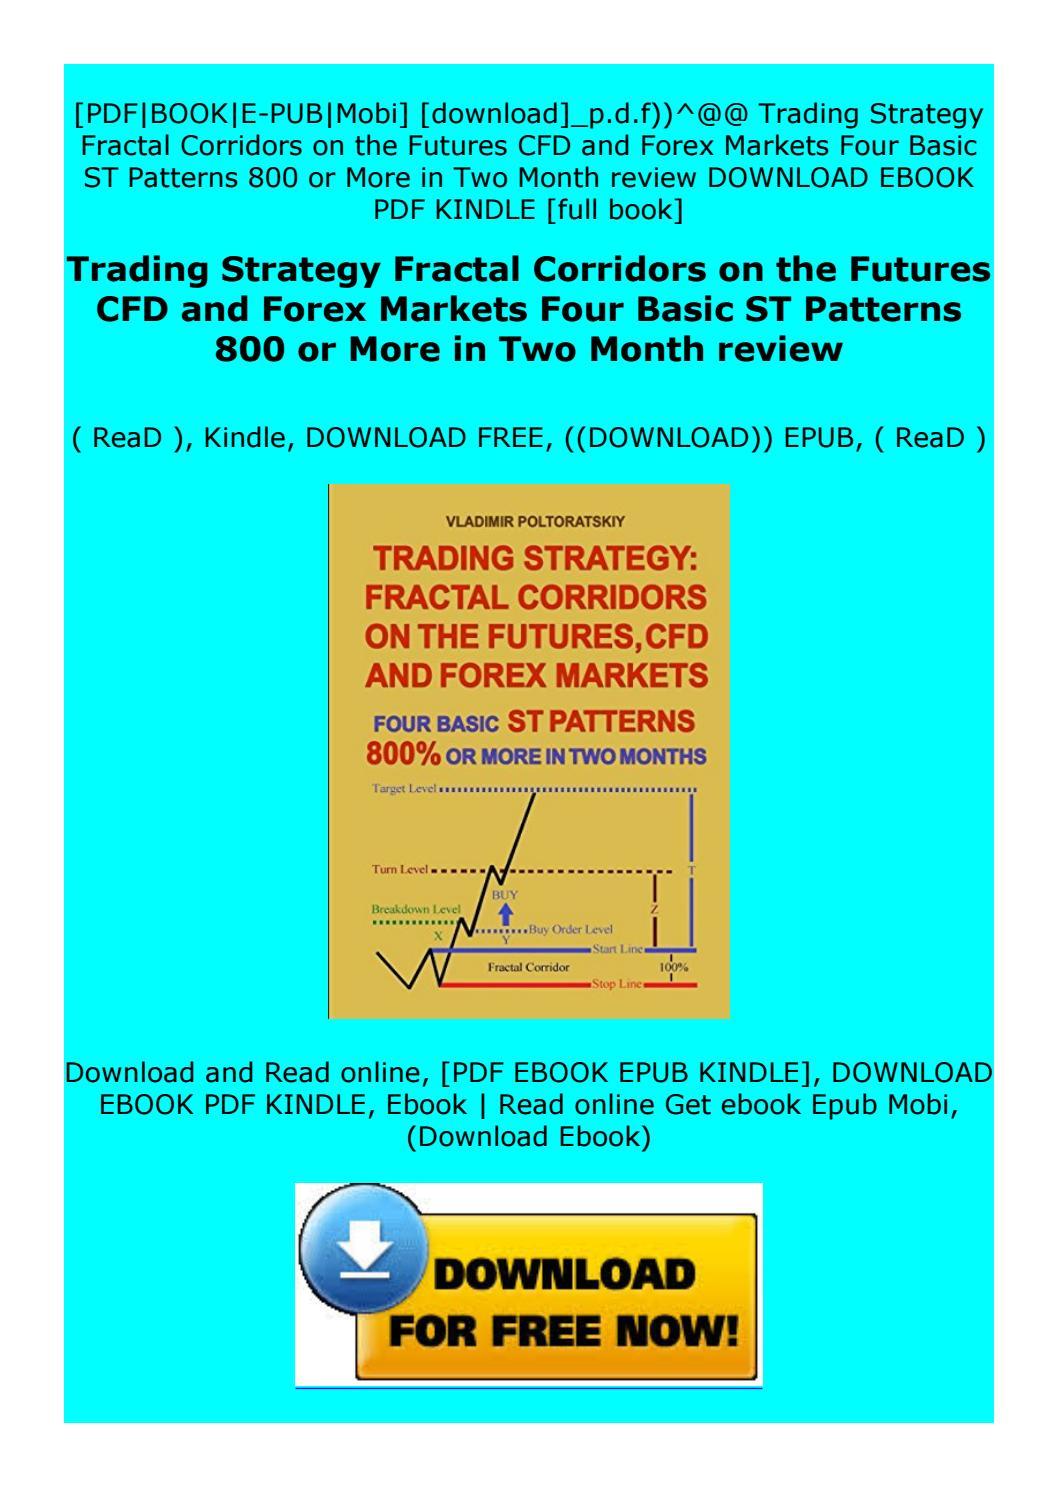 Hukum binary option trade